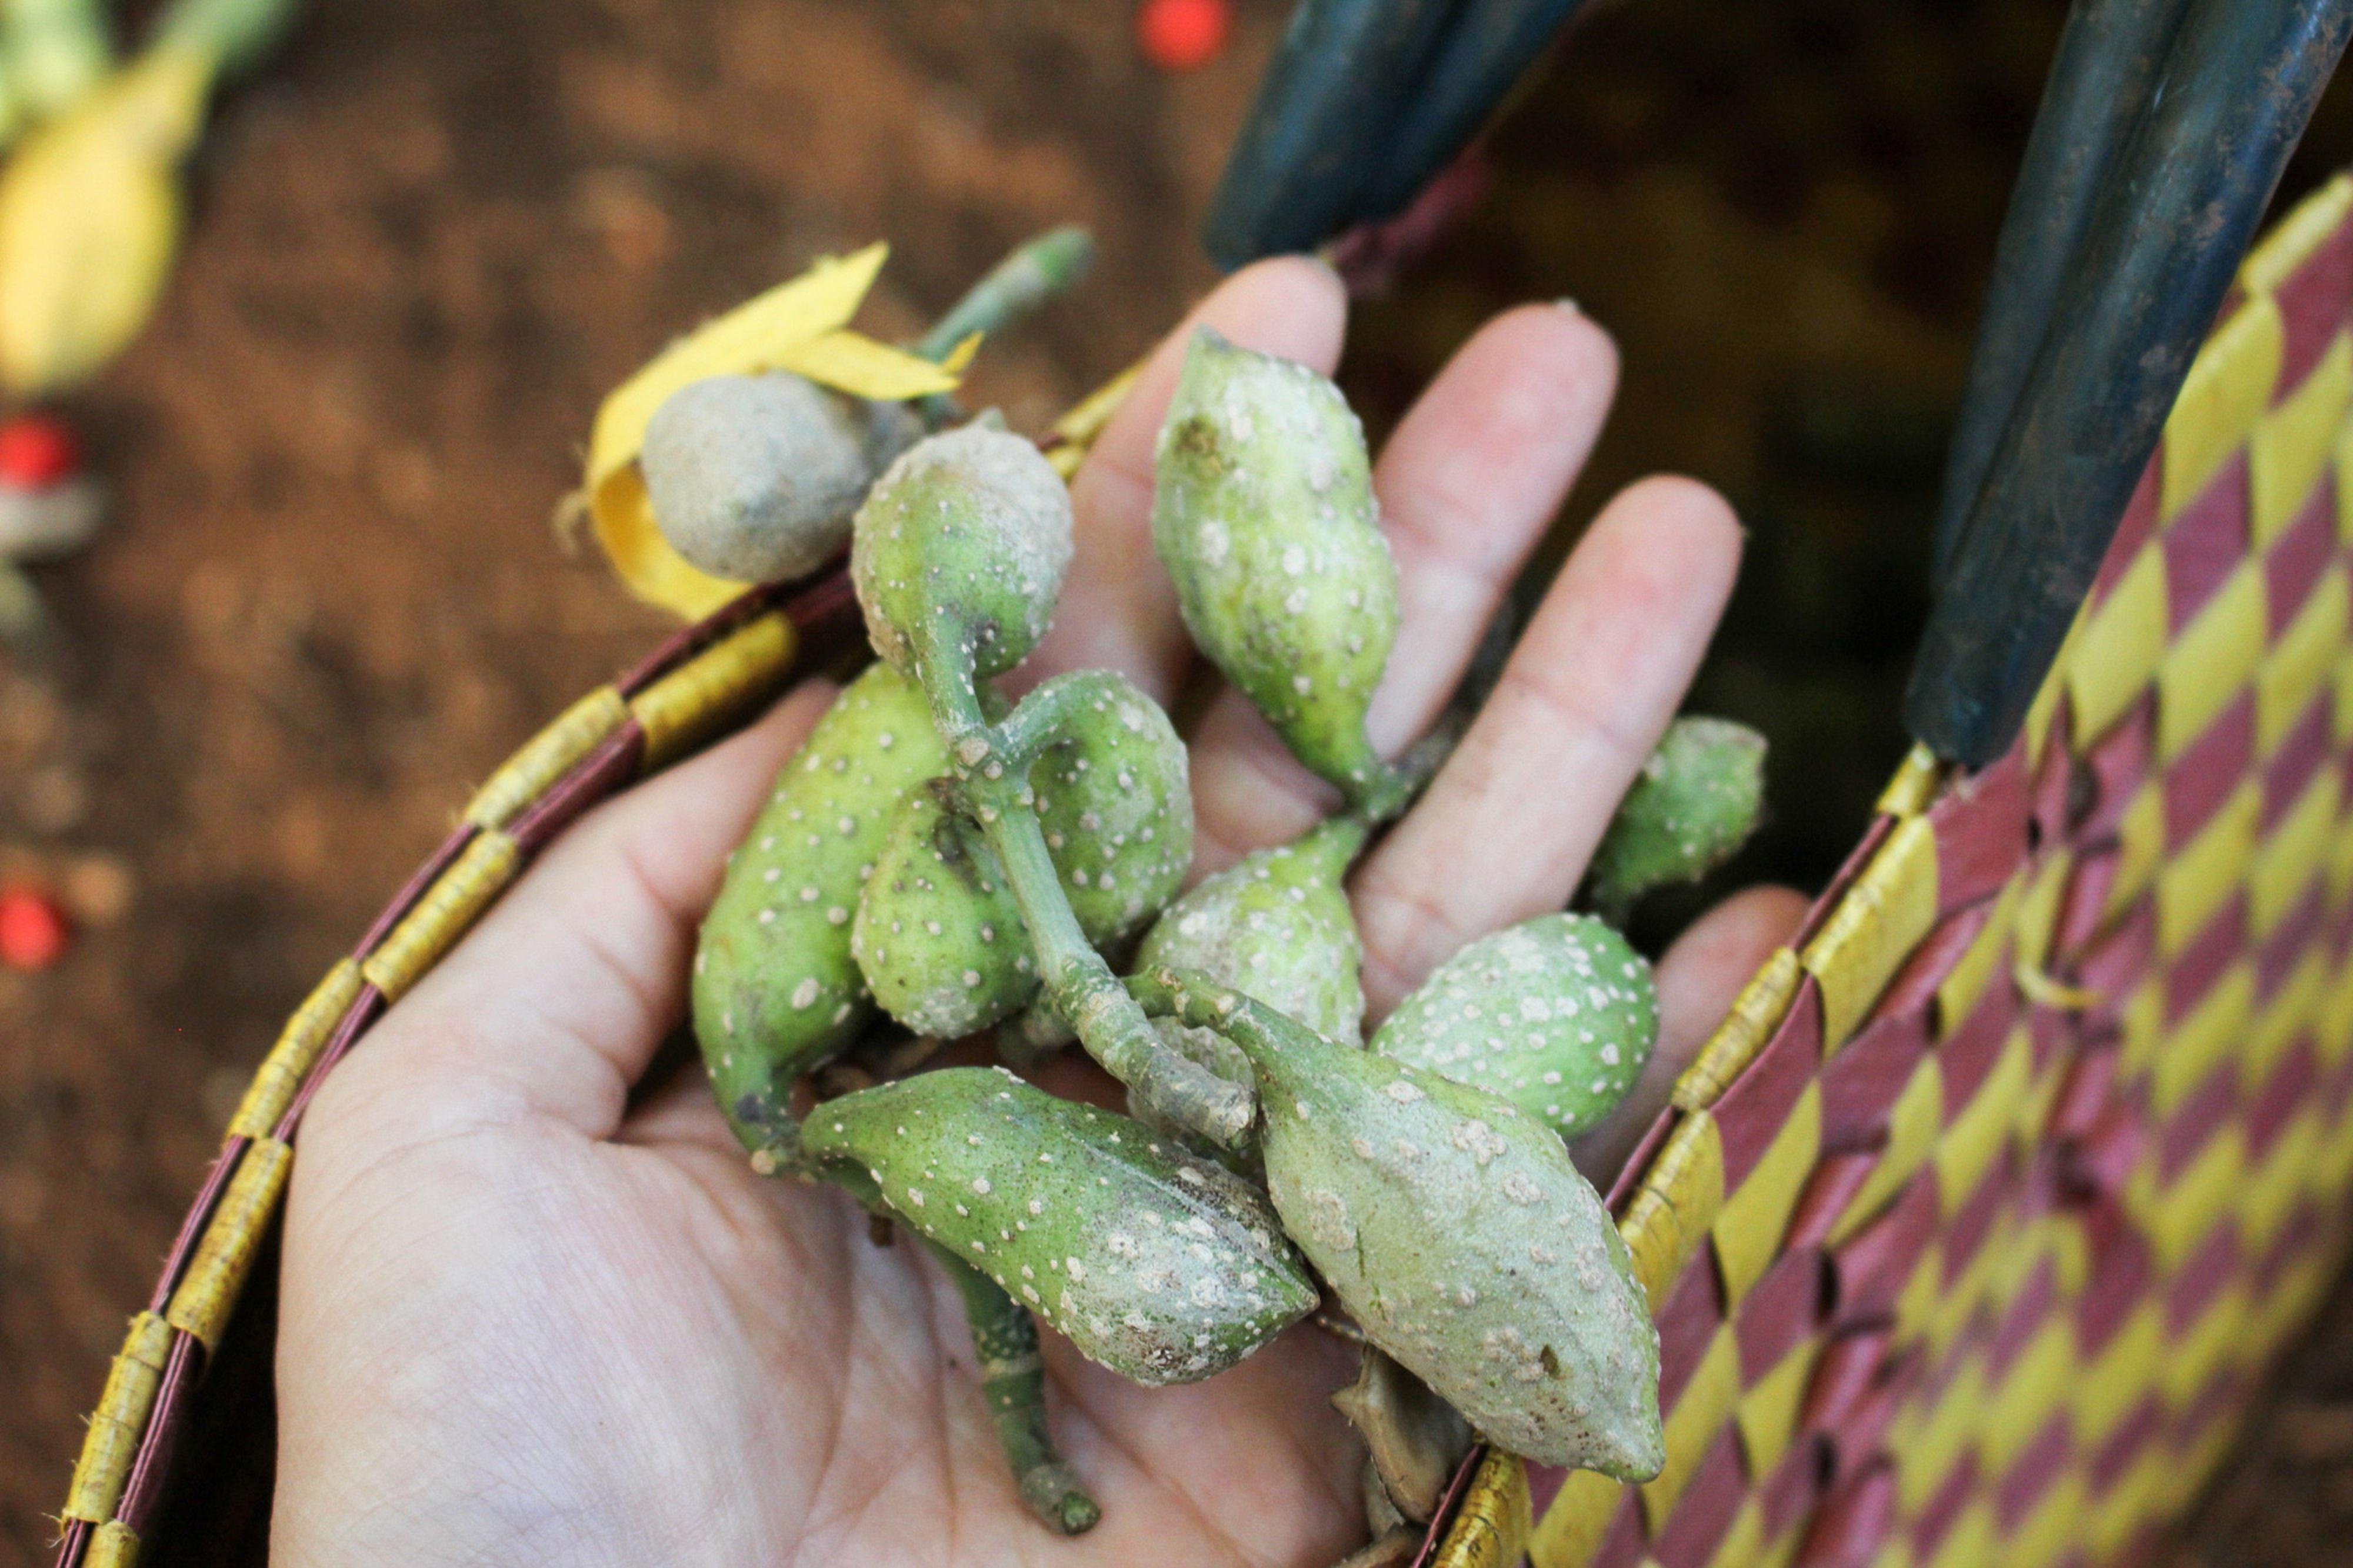 Quả dổi xanh sau khi thu hoạch, tách hạt phơi khô bán với giá trung bình từ 1,7 – 2 triệu đồng/kg